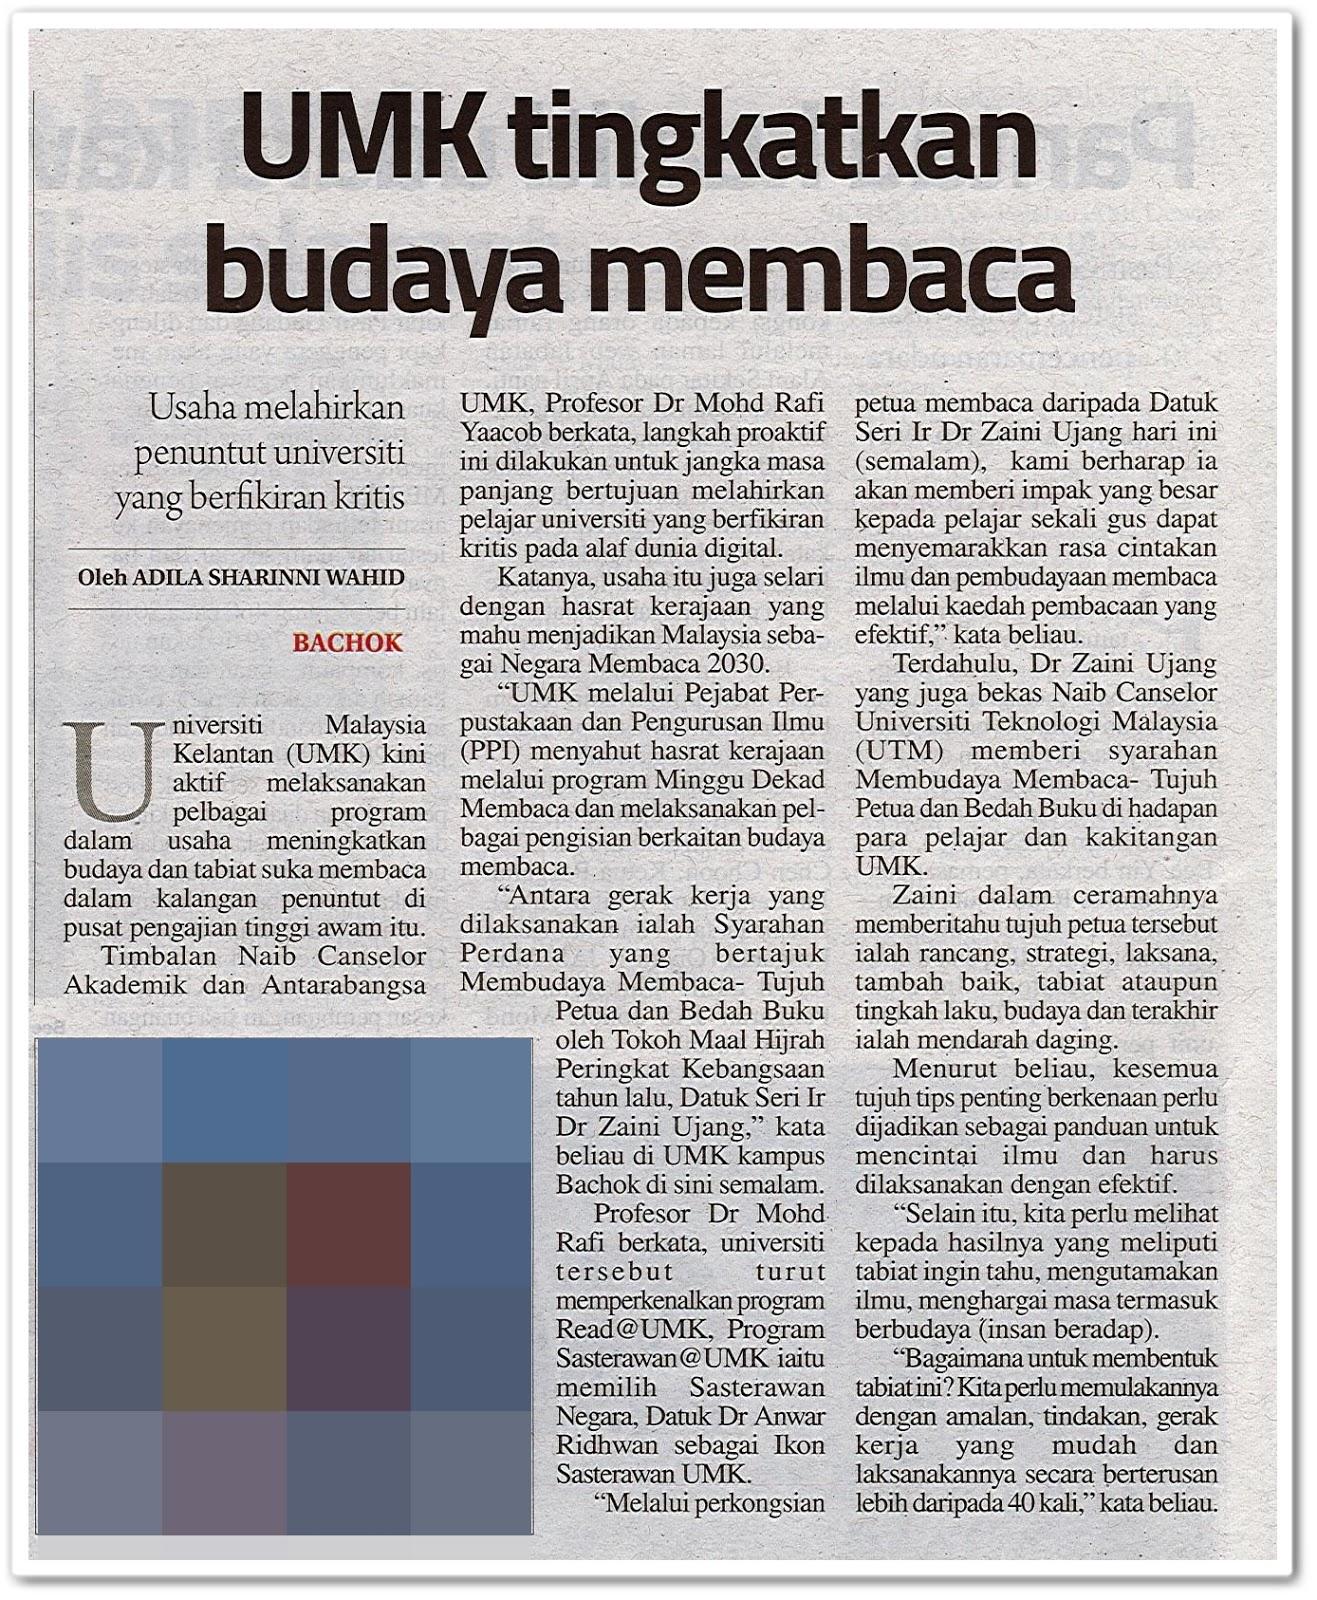 UMK tingkatkan budaya membaca - Keratan akhbar Sinar Harian 24 Februari 2020